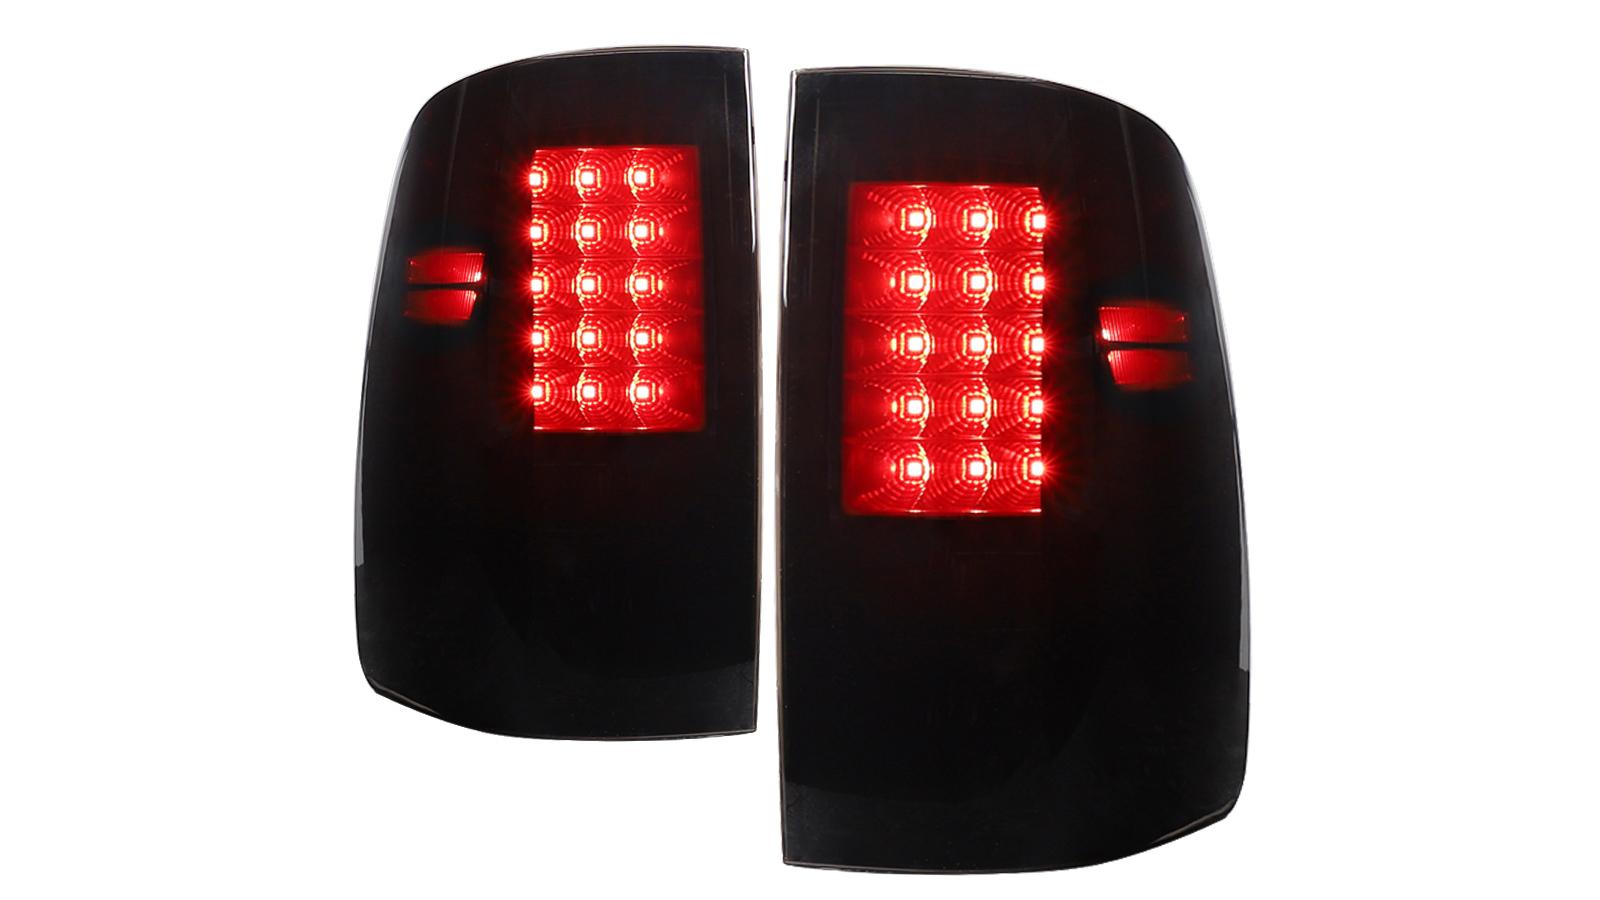 أداء الدخان LED الفرامل الأنوار للفترة 2009-2018 دودج رام 1500 2010-2018 رام 2500 3500